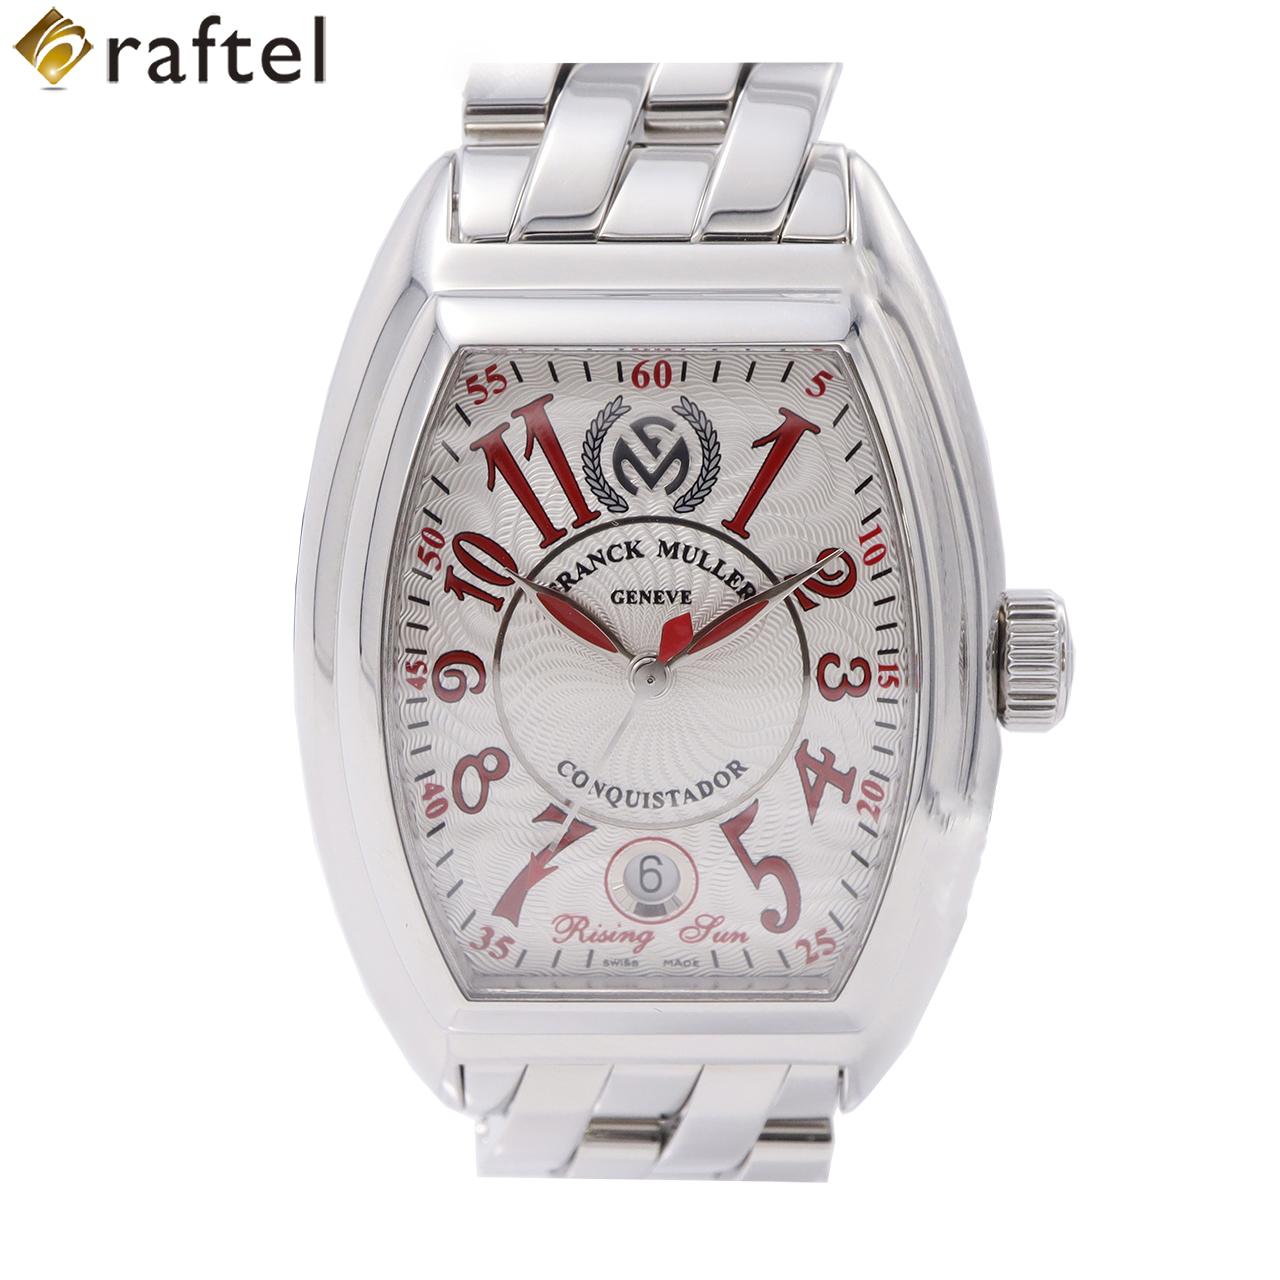 フランクミュラーは全ての時計が派手なデザインなの??